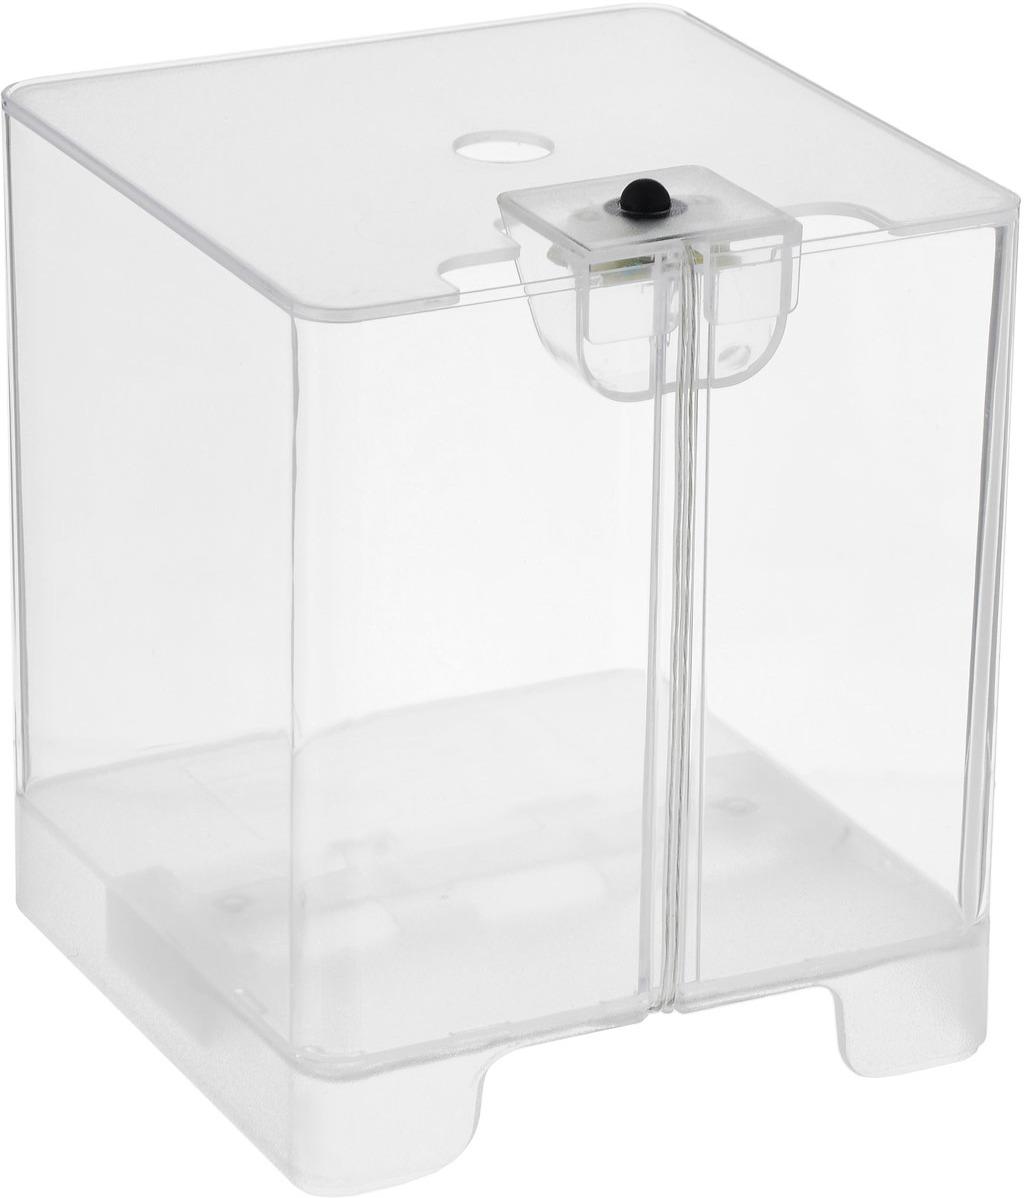 Аквариум AA Aqua Box Betta 1212AA, 73506001, 1,3 л аквариум tetra betta bubble 1 8l белый